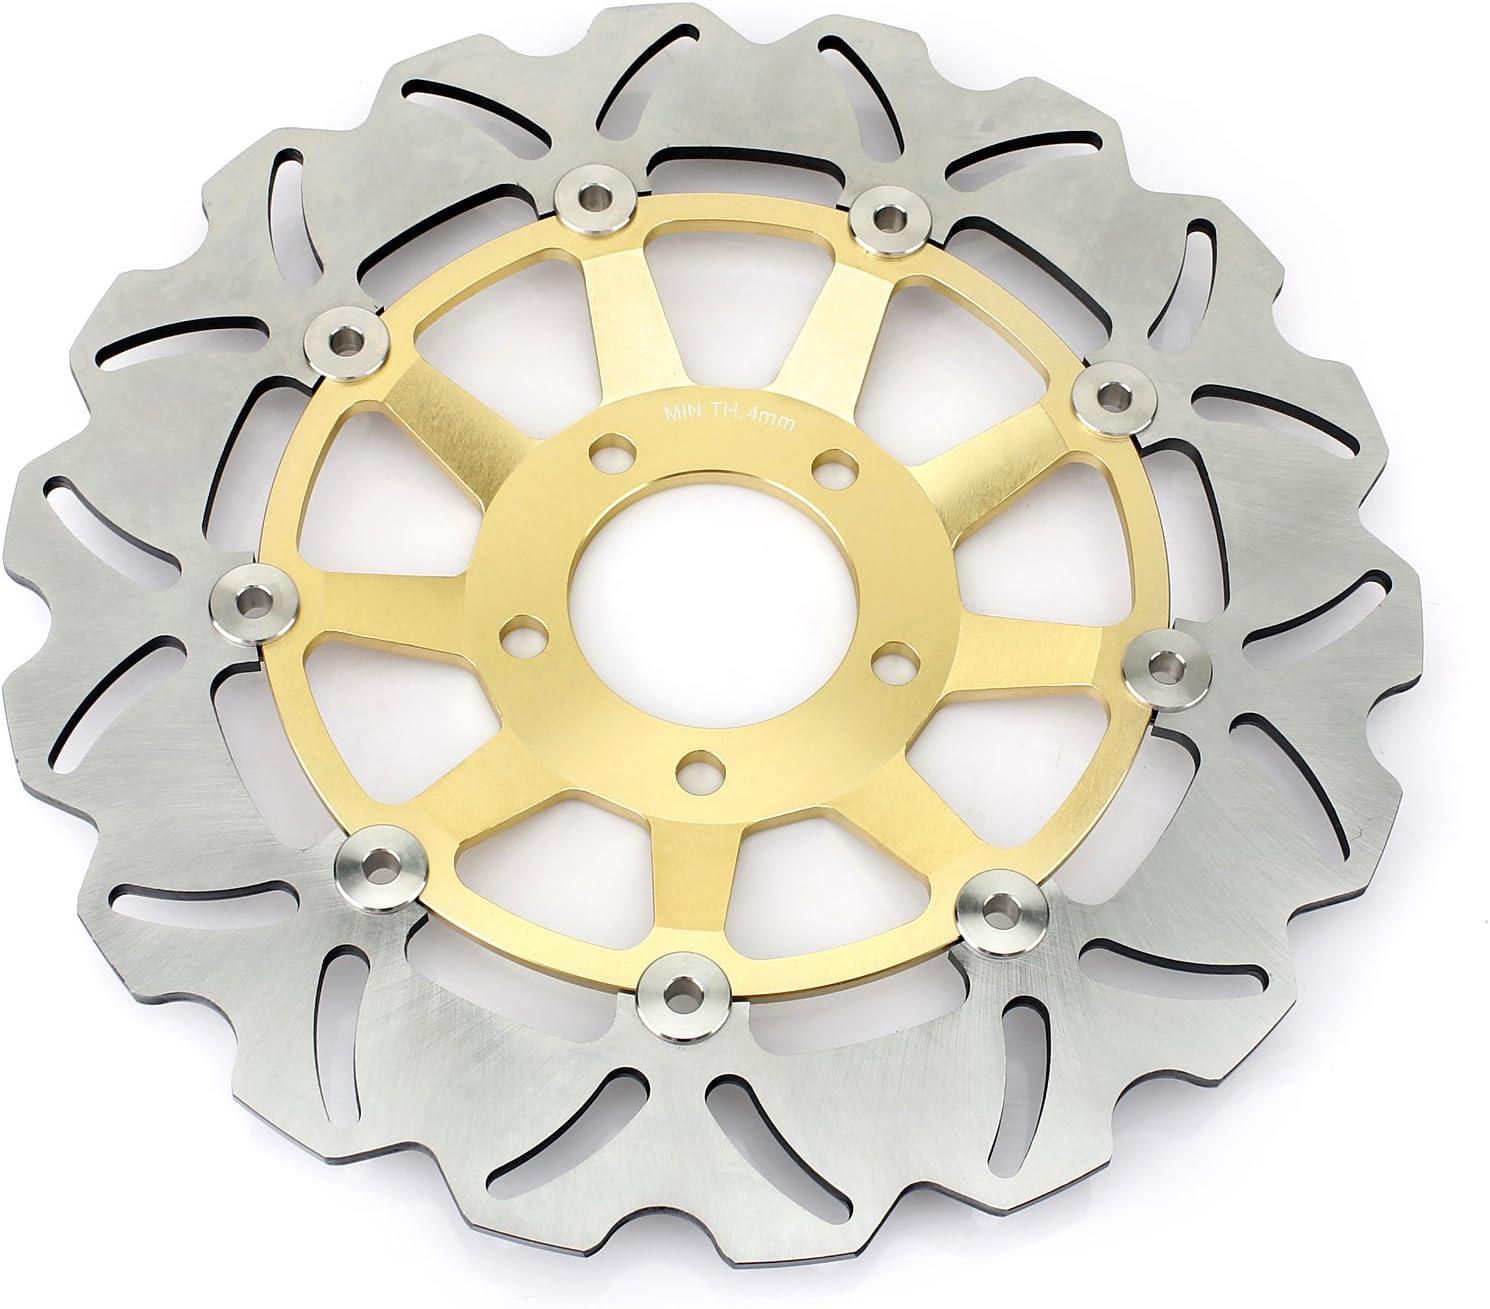 Tarazon 320mm Bremsscheiben Vorne Für Suzuki Rf900r 1994 1999 Gsf1200 Gsf1200s Bandit 1995 2005 Gsx 1200 Fs Inazuma 1998 2002 Gs 1200 Ss 2001 2002 Auto